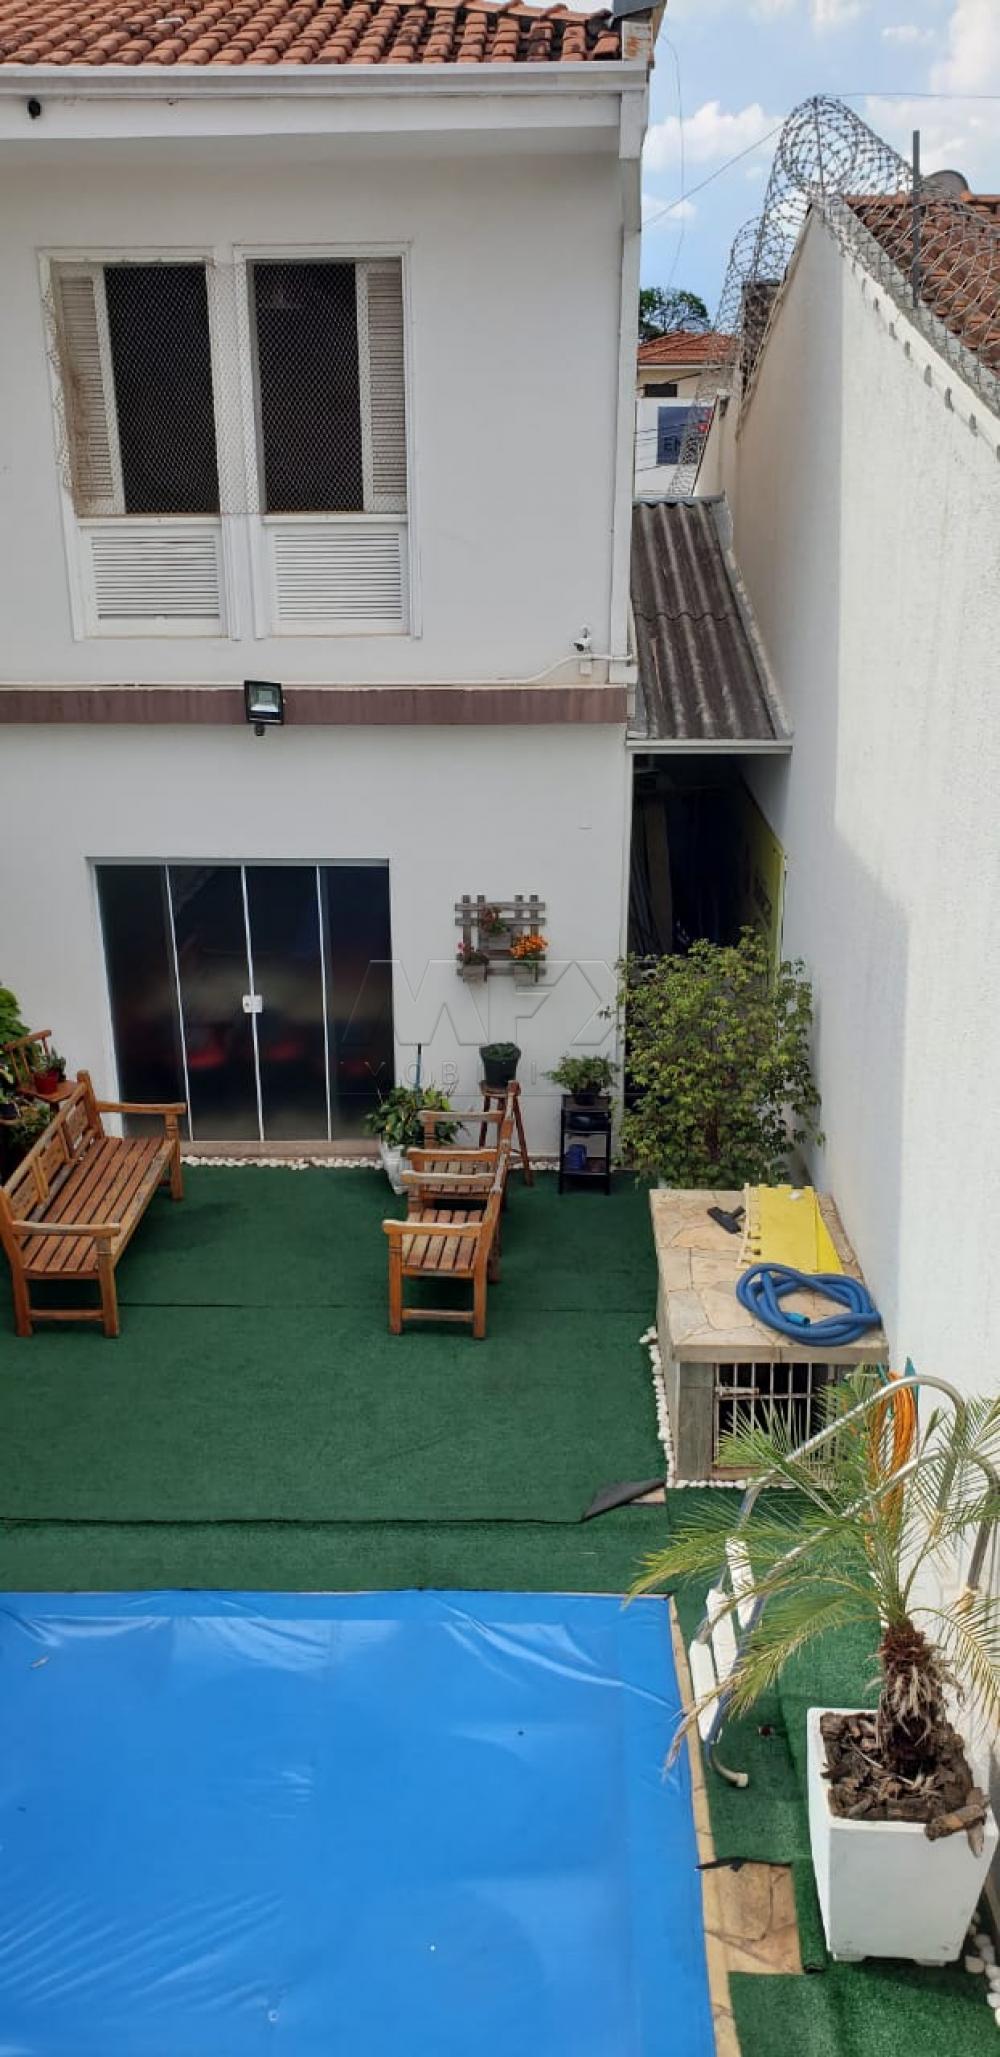 Comprar Casa / Sobrado em Bauru apenas R$ 1.100.000,00 - Foto 4